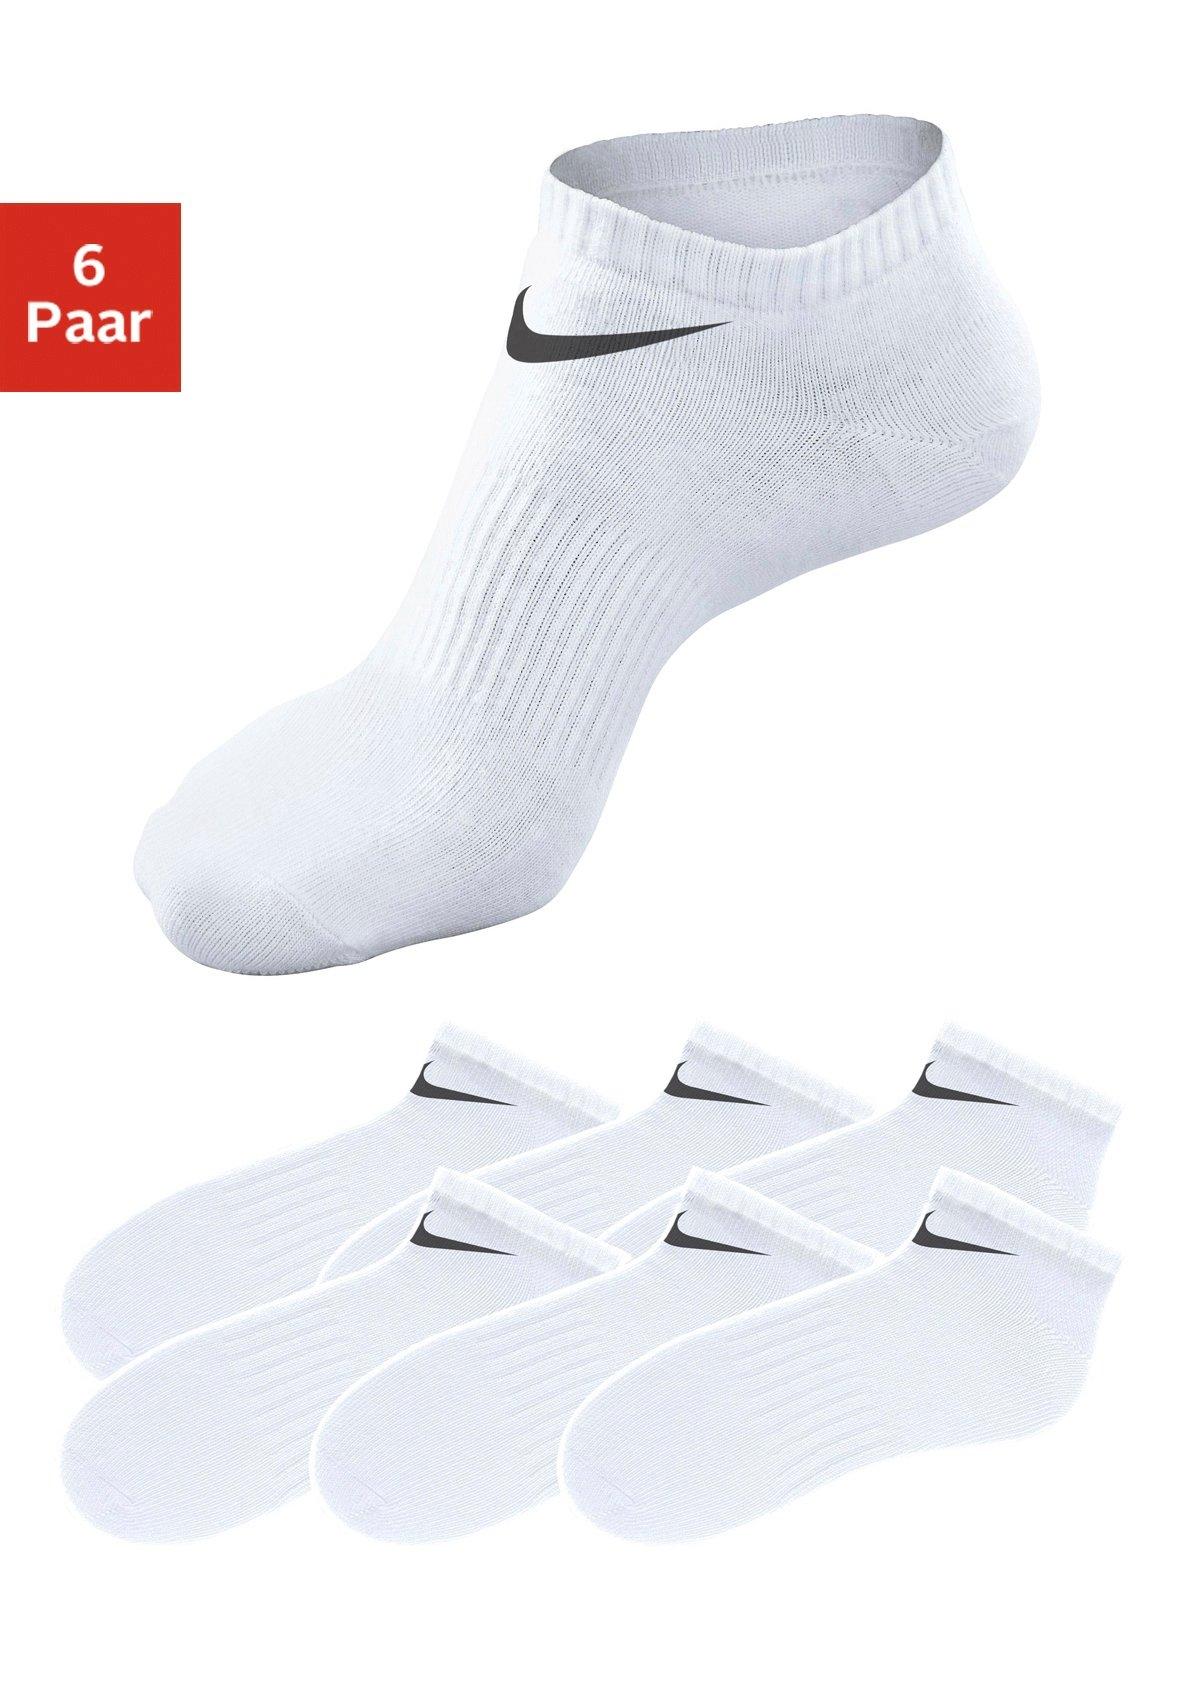 Op zoek naar een Nike Sneakersokken met middenvoetelastiek (6 paar)? Koop online bij Lascana